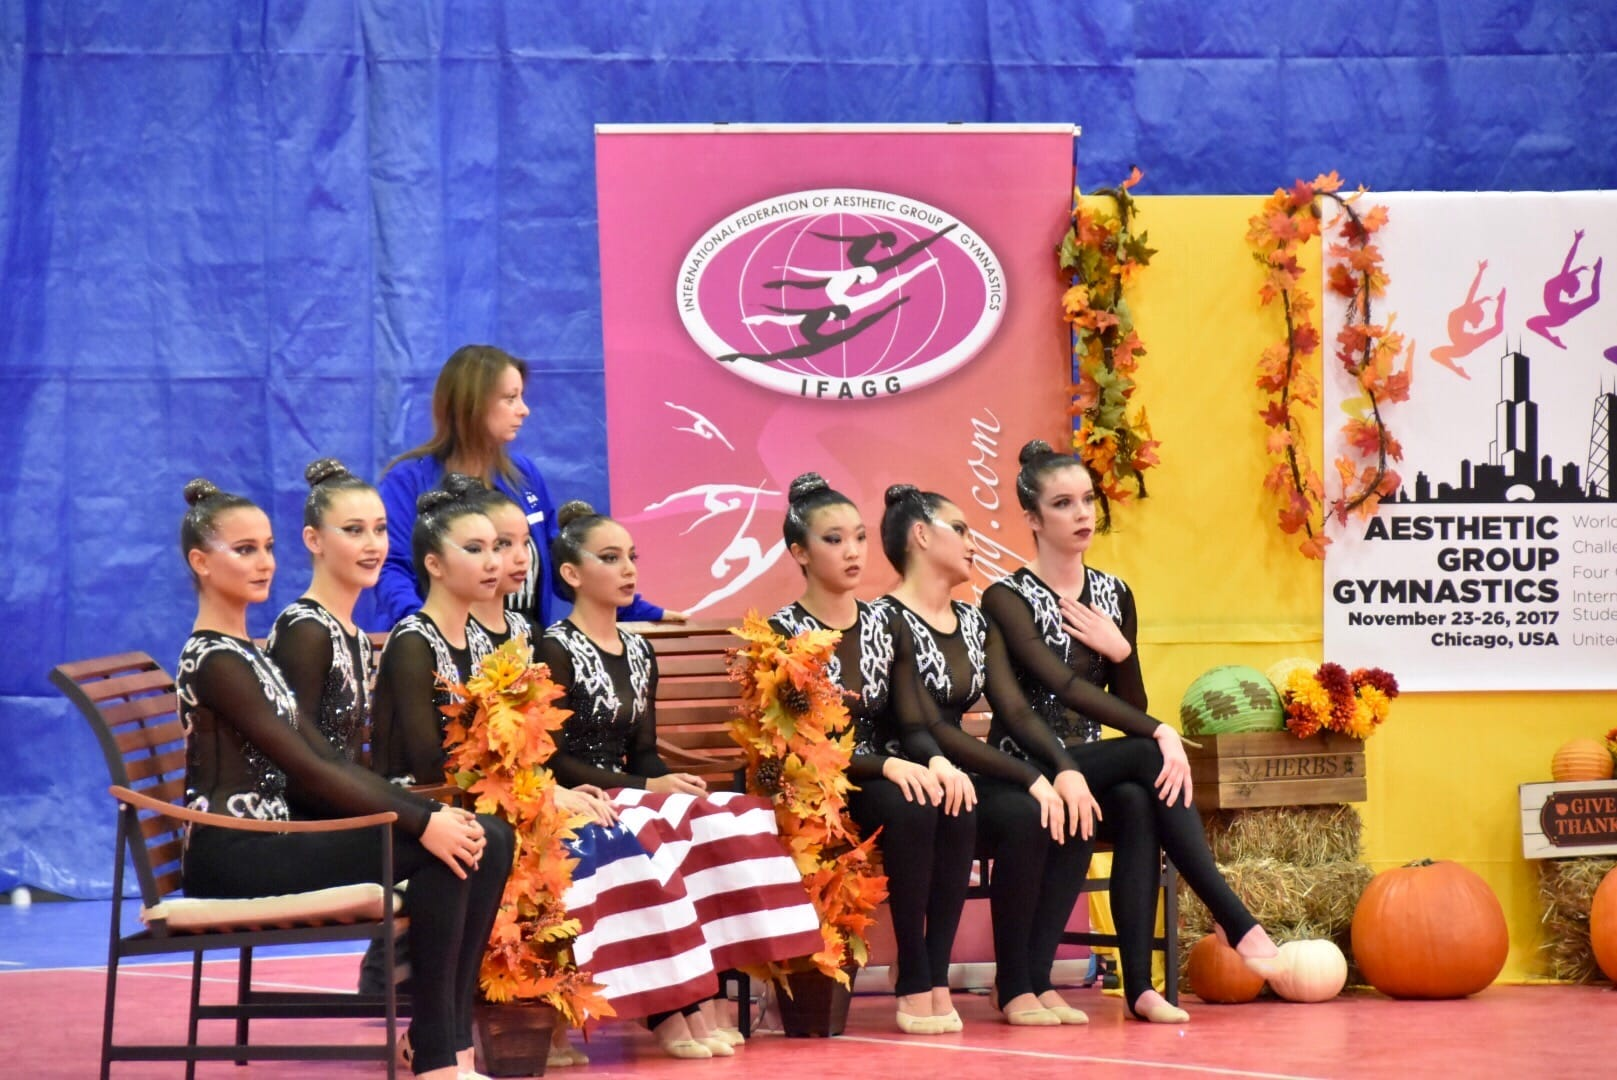 aesthetic group gymnastics usa aggusa ifagg, Aesthetic Group Gymnastics Info